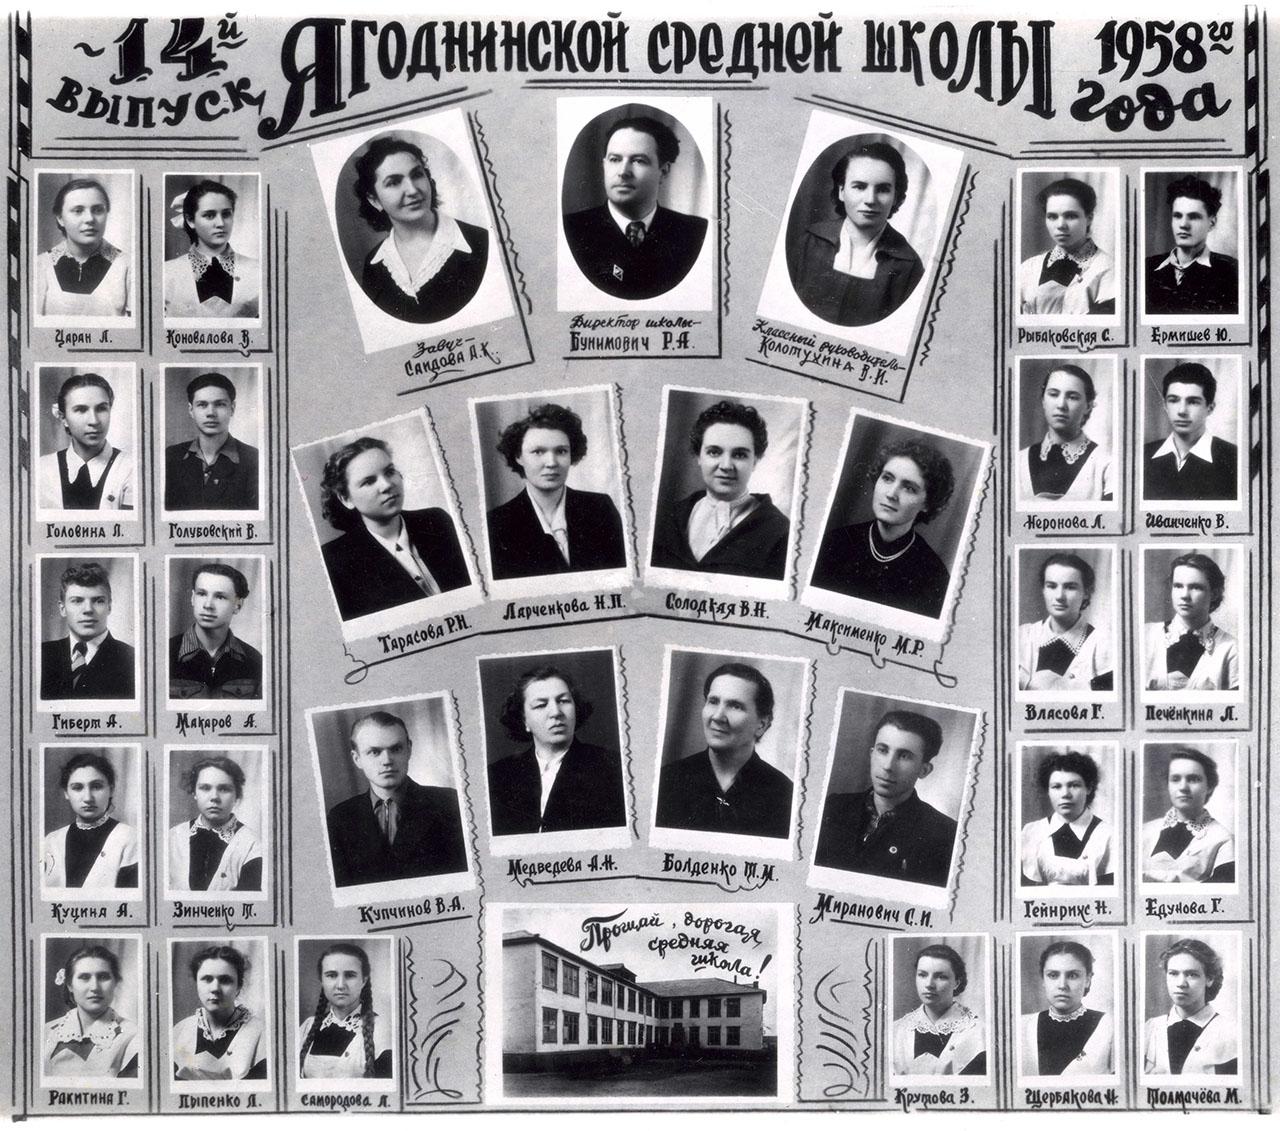 14-й выпуск Ягоднинской средней школы 1958 года. Фото Голубовского Валентина.